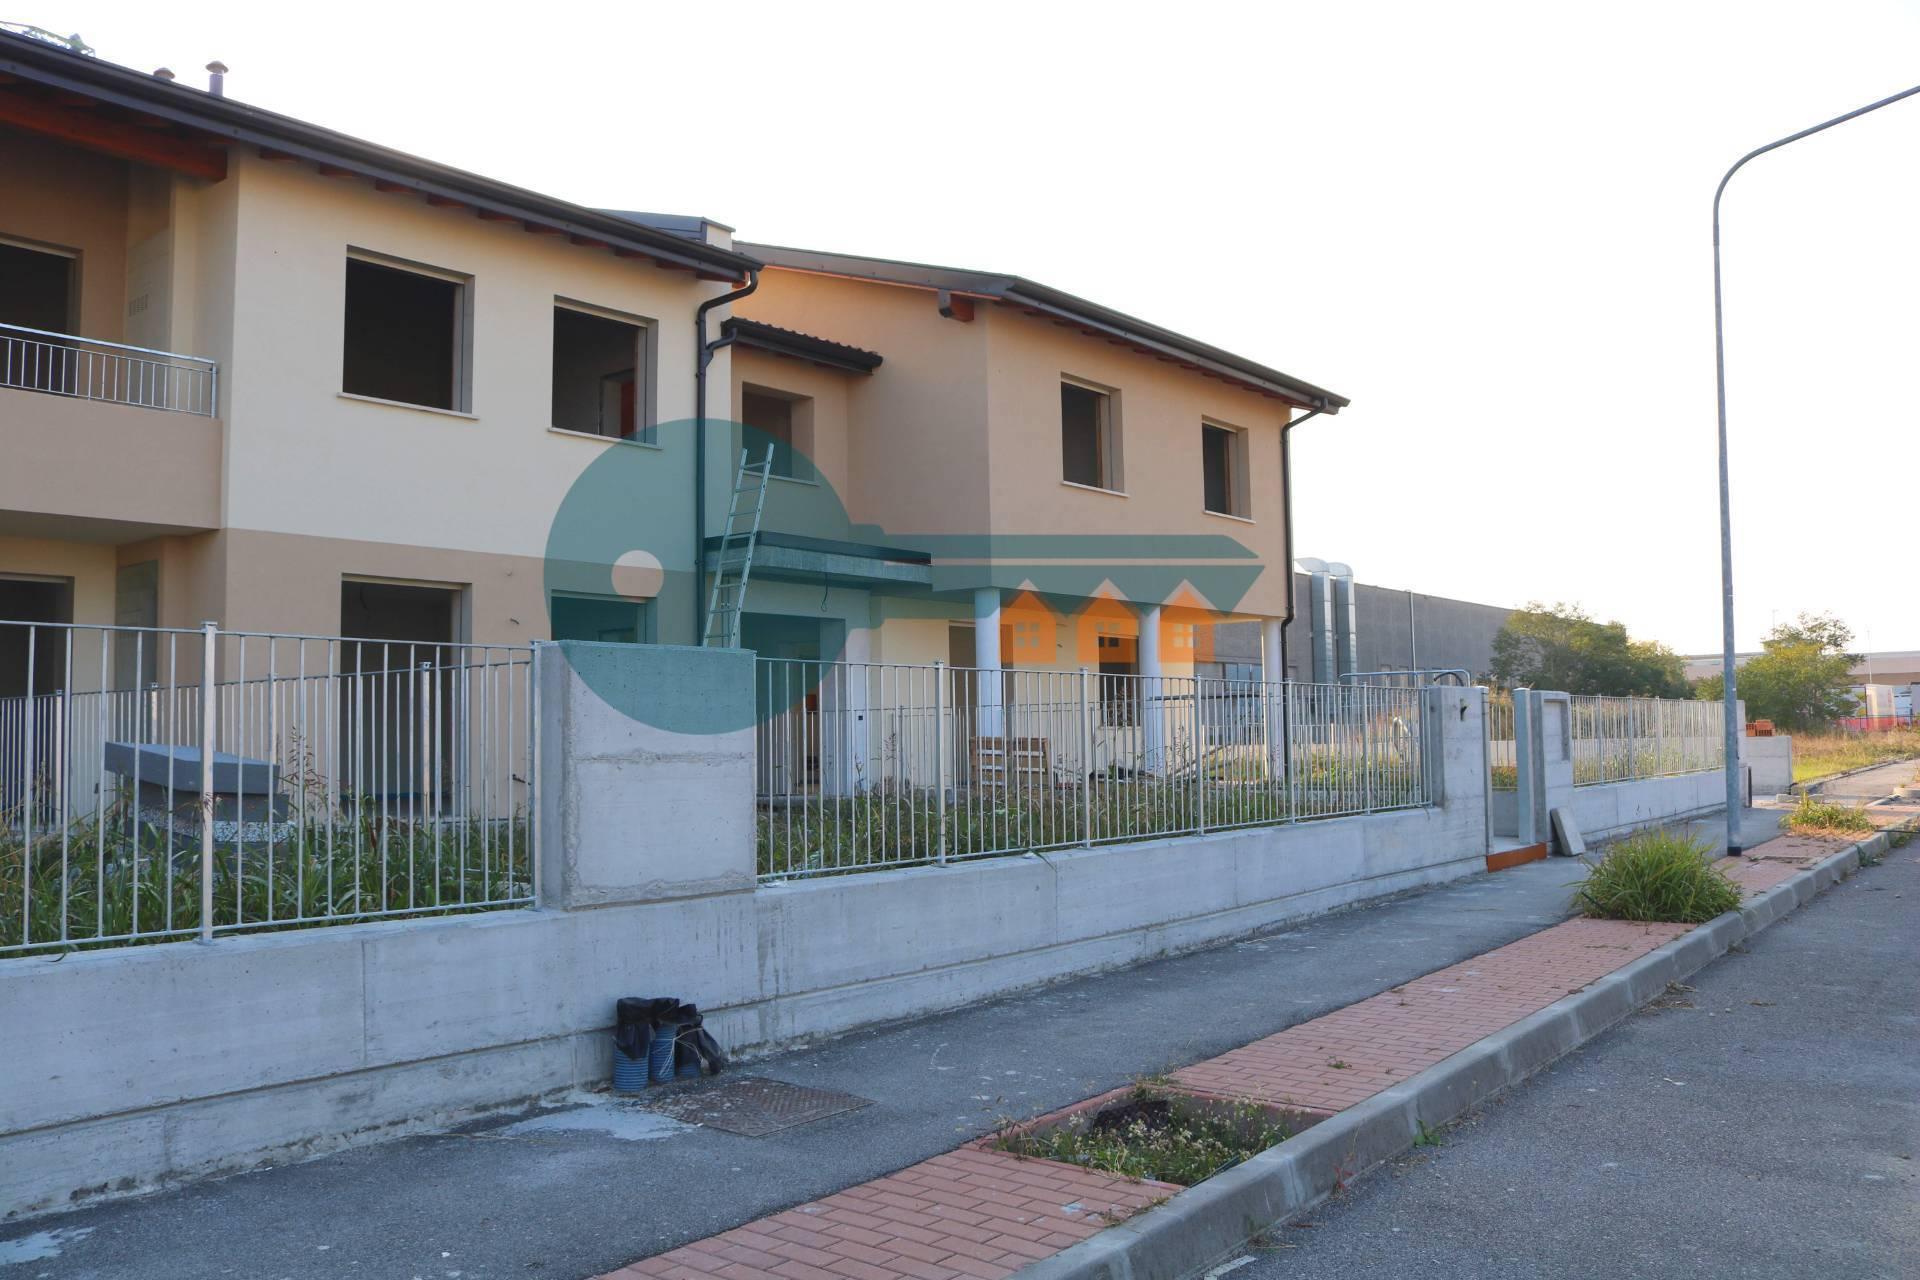 Appartamento in vendita a Castiglione delle Stiviere, 3 locali, prezzo € 159.000 | PortaleAgenzieImmobiliari.it